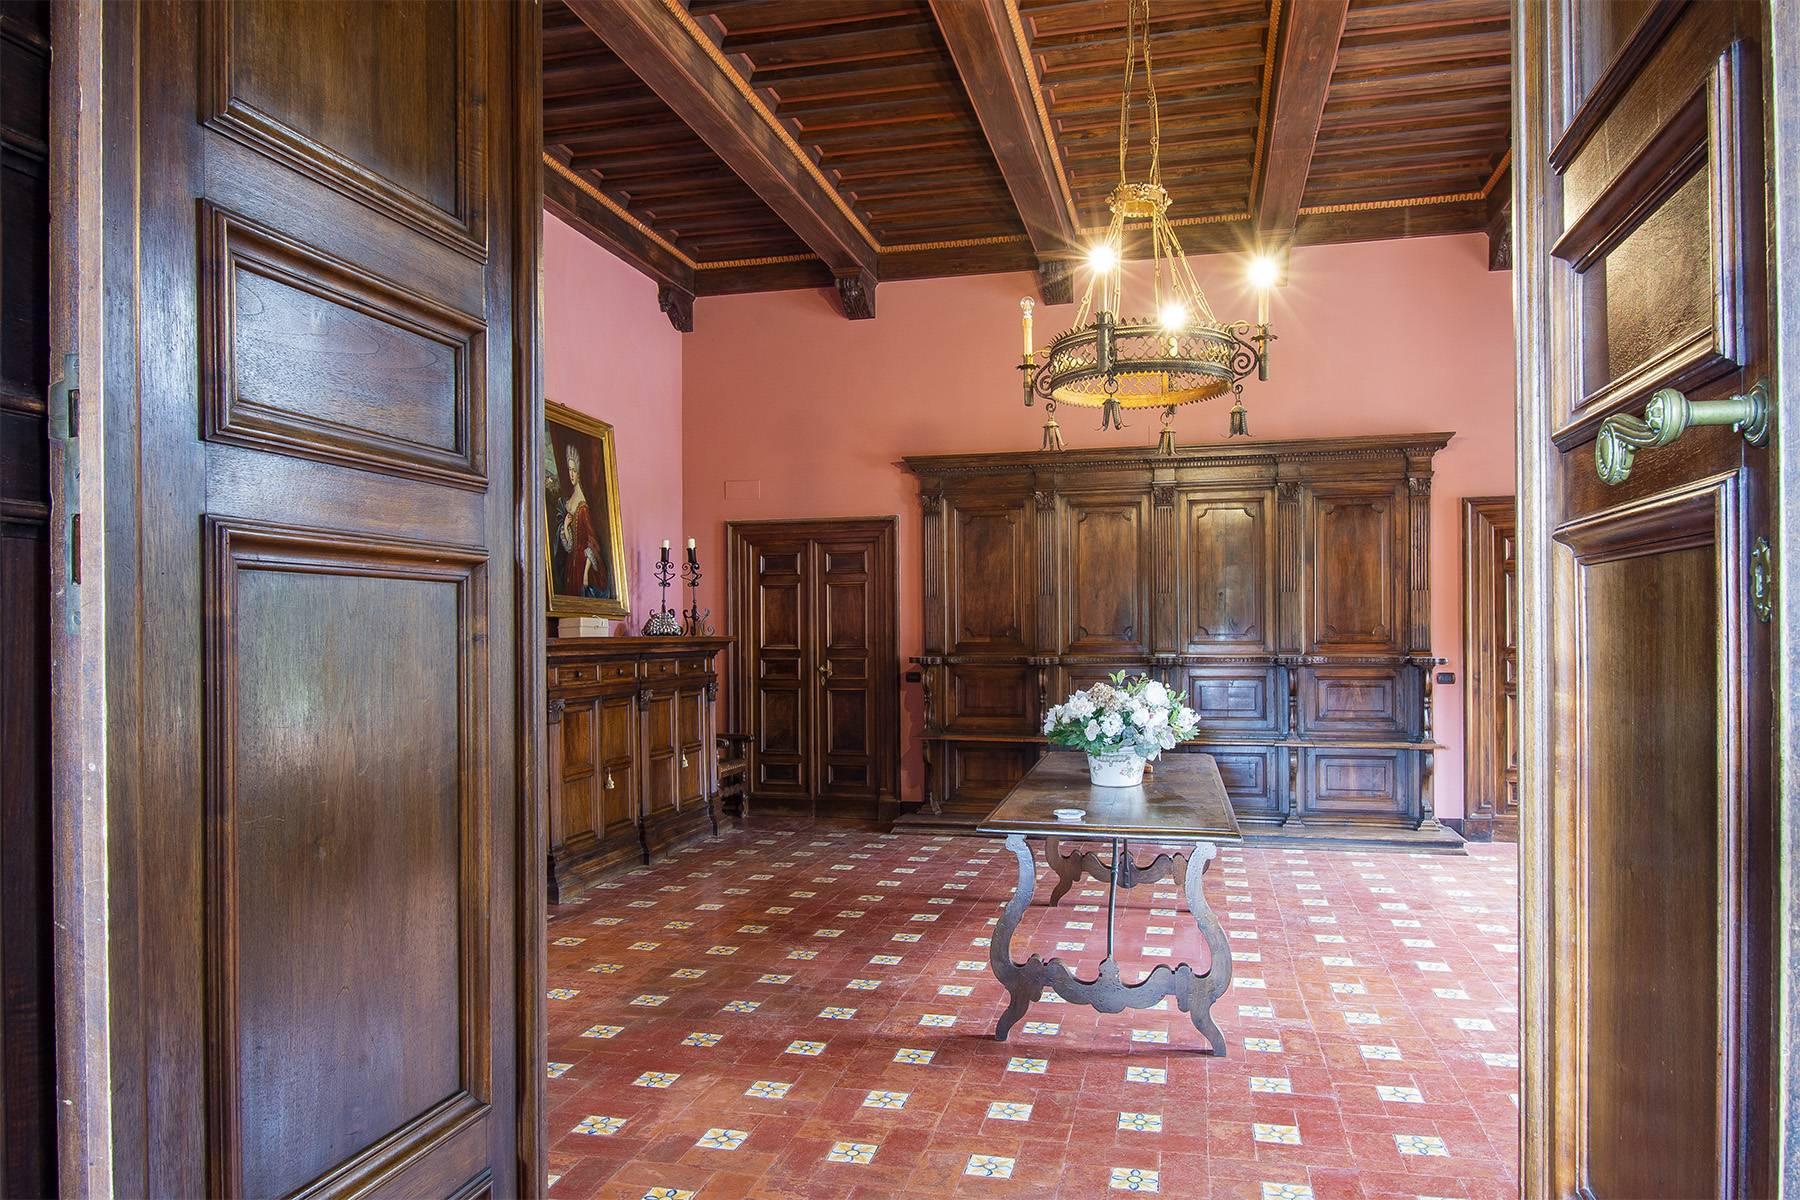 Magnifica villa dell'800 nel cuore dell'Umbria - 23